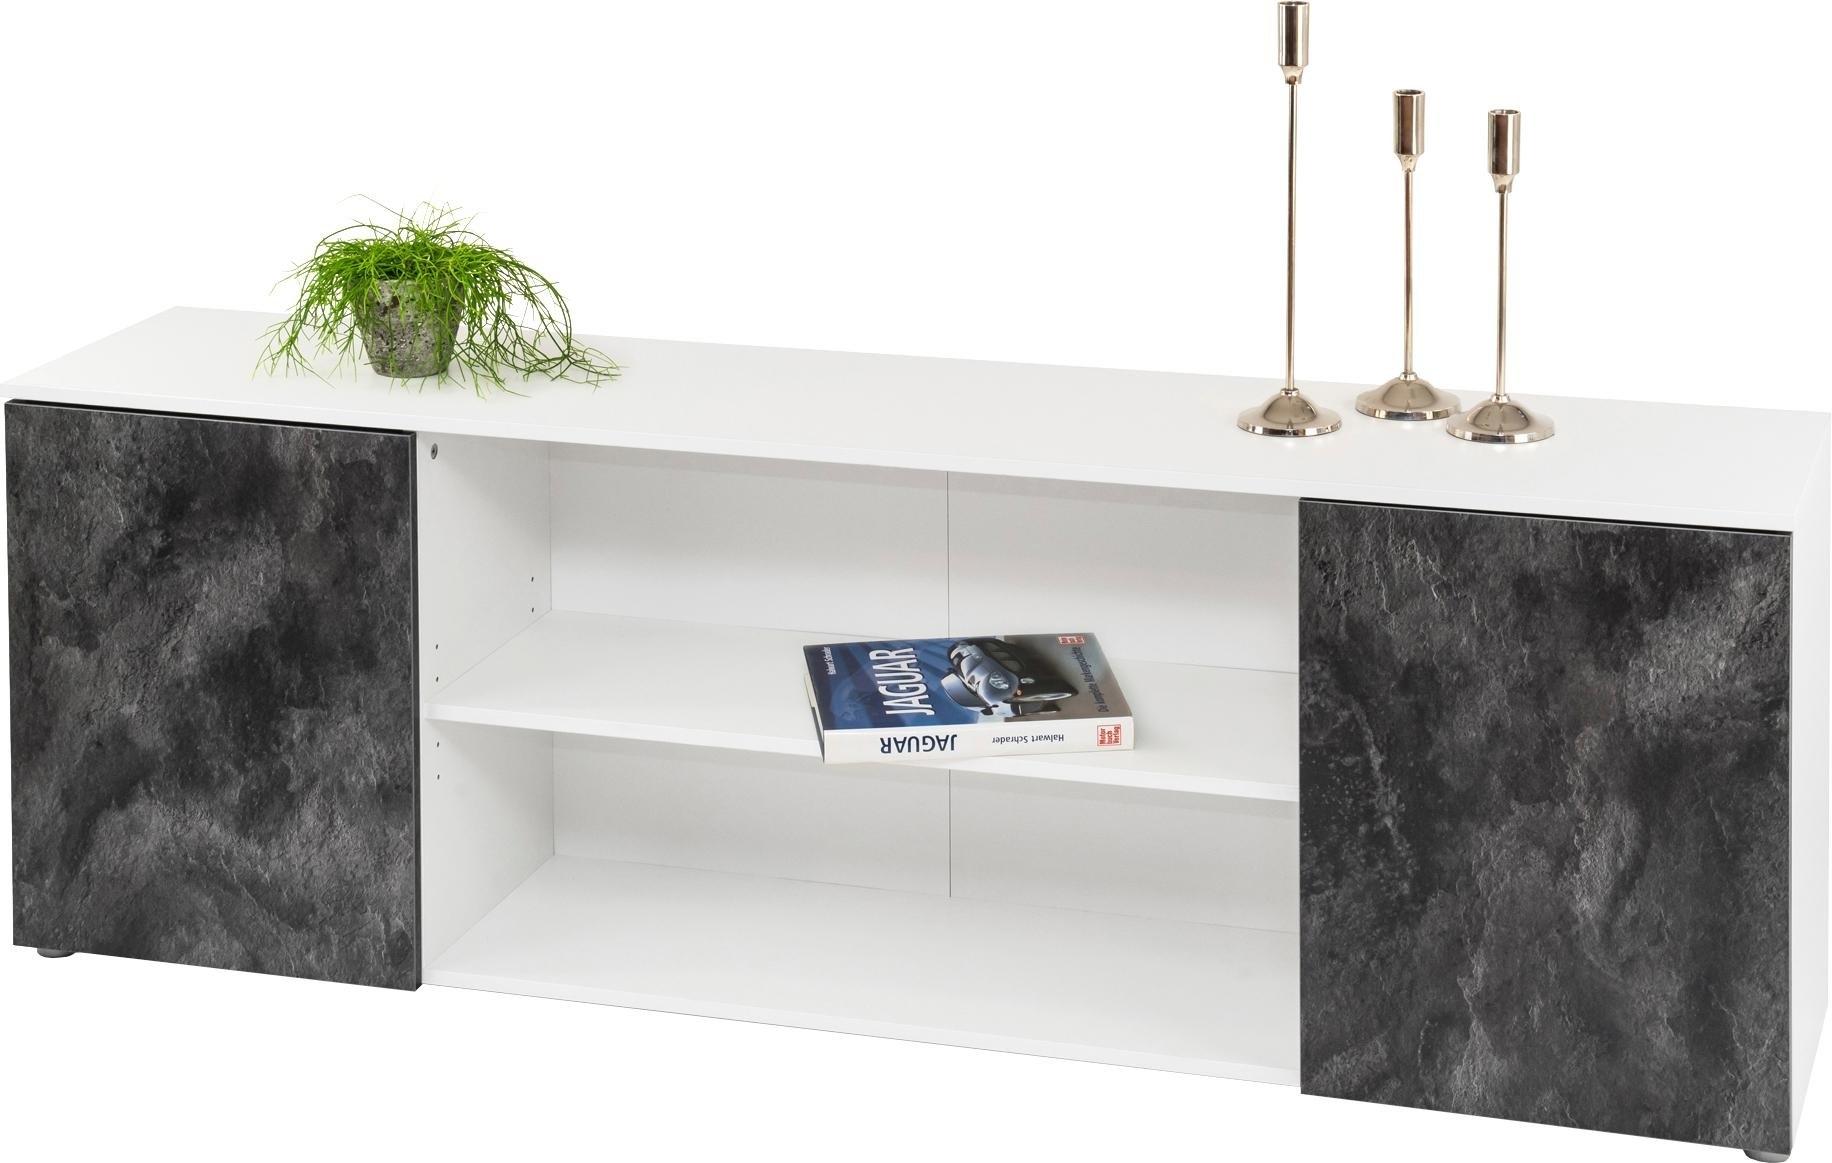 Paroli tv-meubel Susa Breedte 165 cm bestellen: 30 dagen bedenktijd